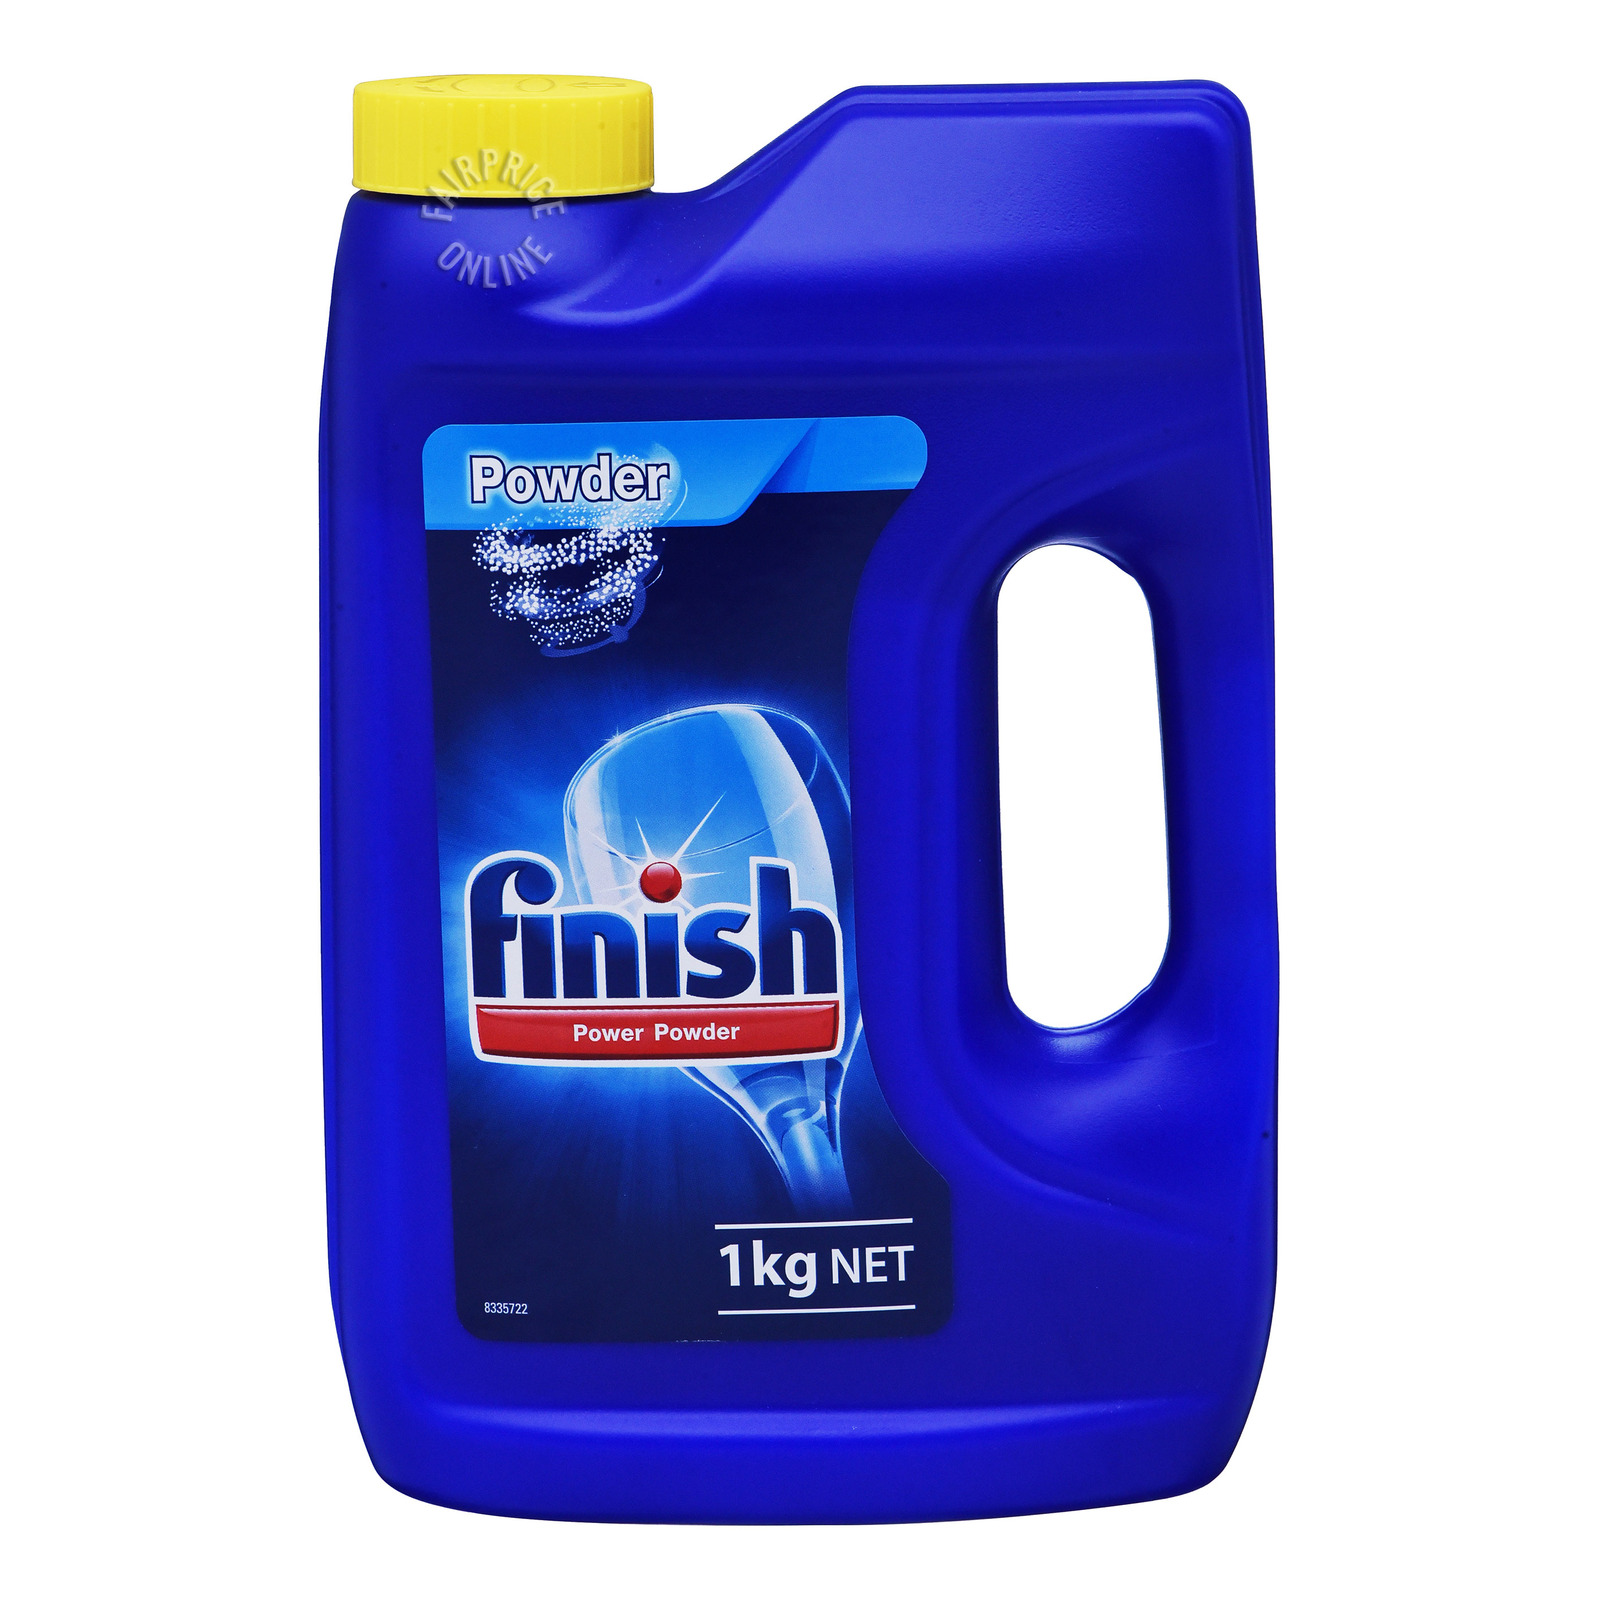 Finish Detergent Dishwasher - Power Powder